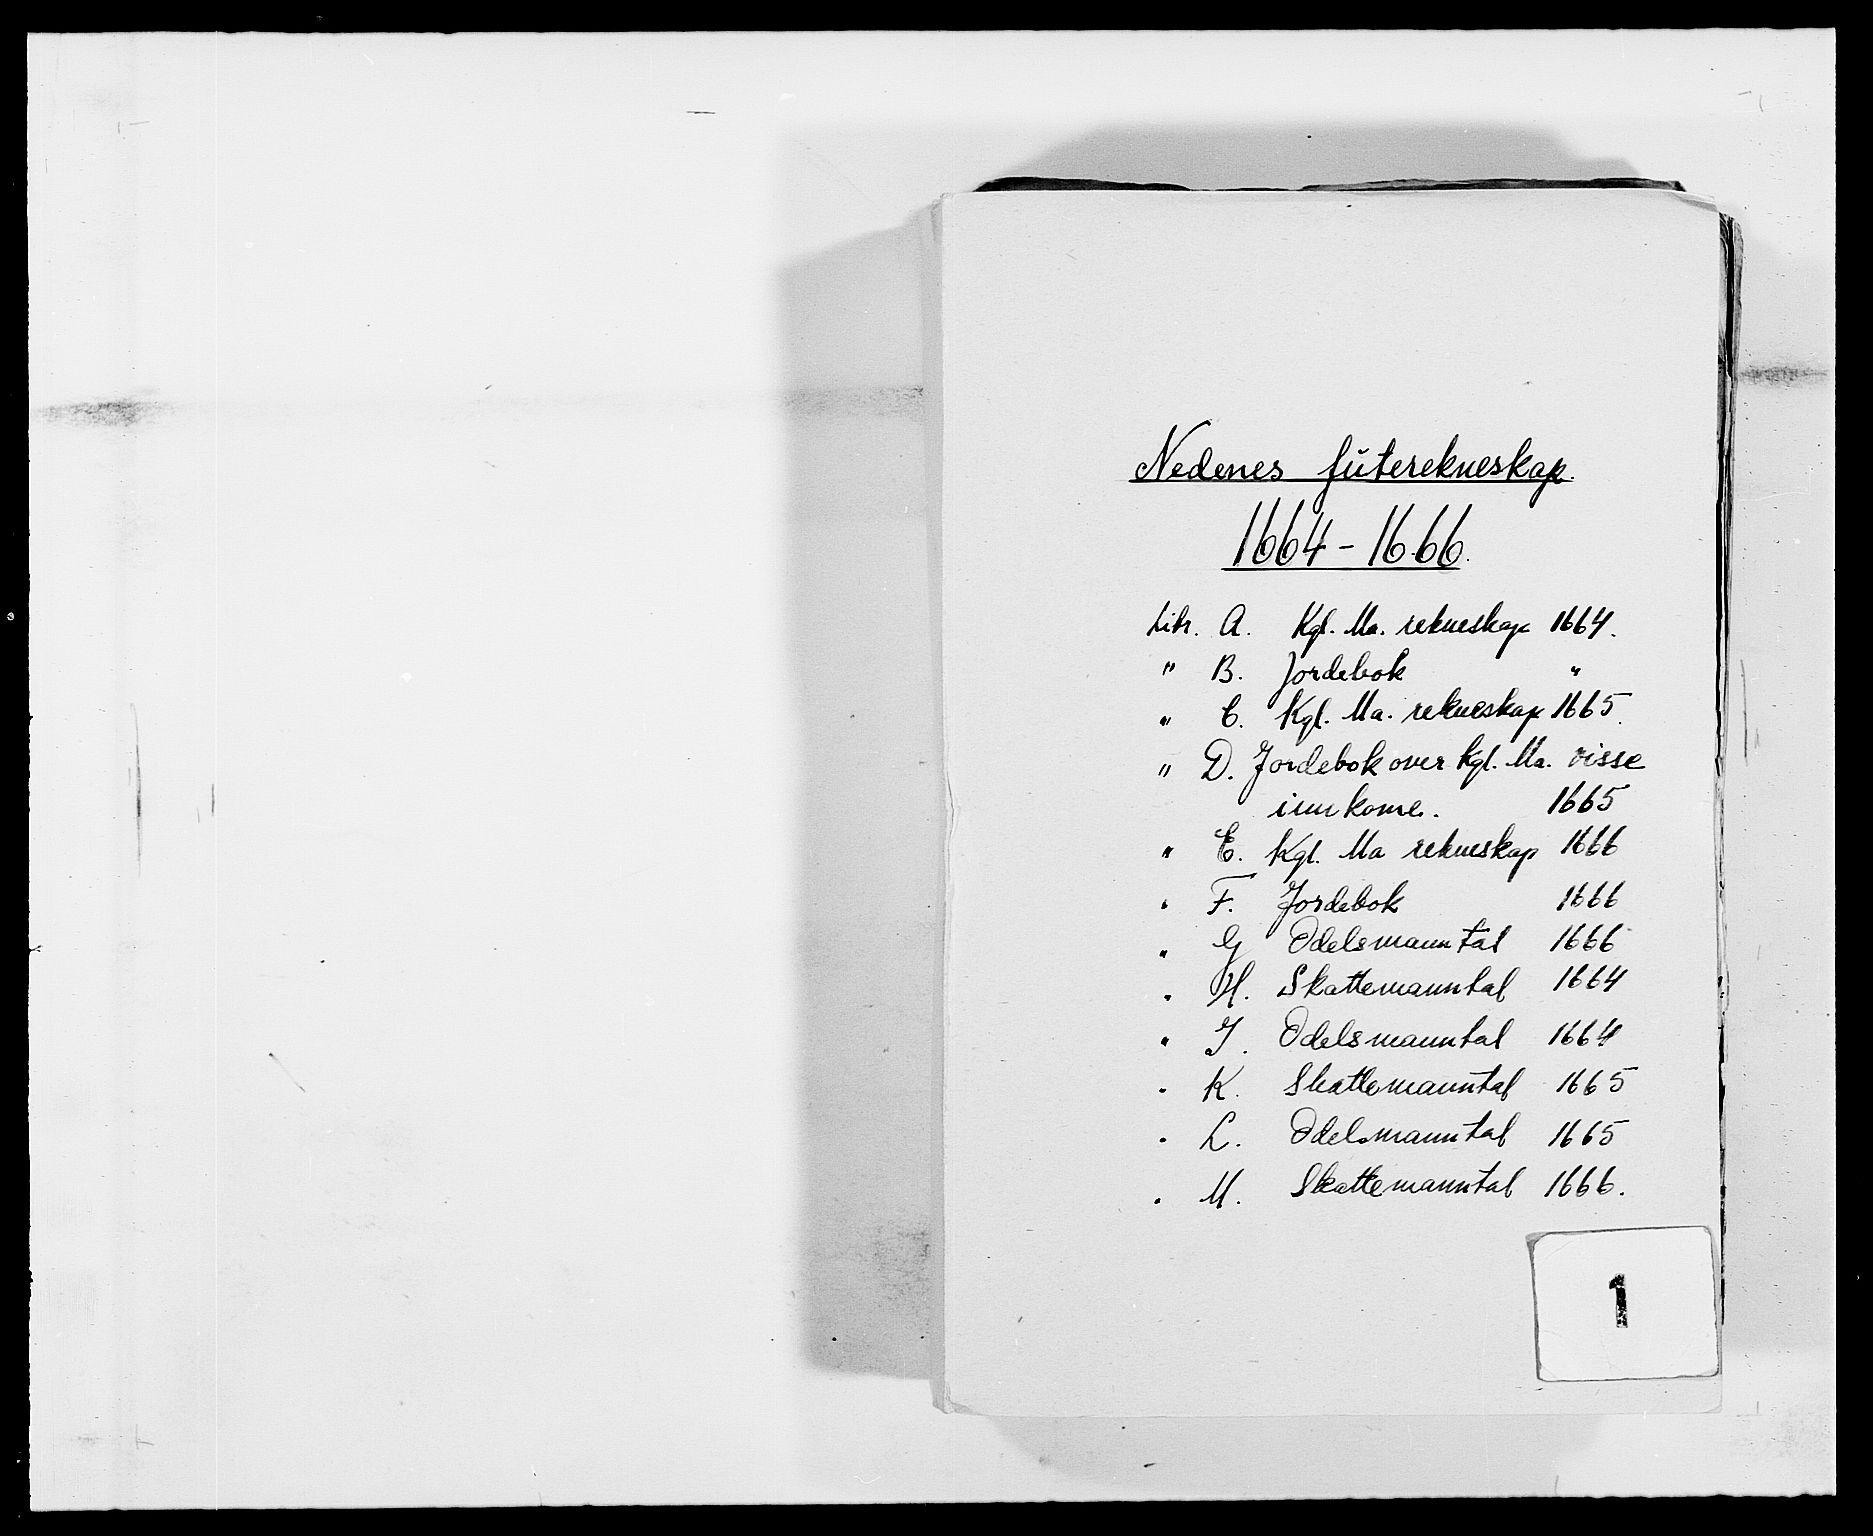 RA, Rentekammeret inntil 1814, Reviderte regnskaper, Fogderegnskap, R39/L2296: Fogderegnskap Nedenes, 1664-1666, s. 1